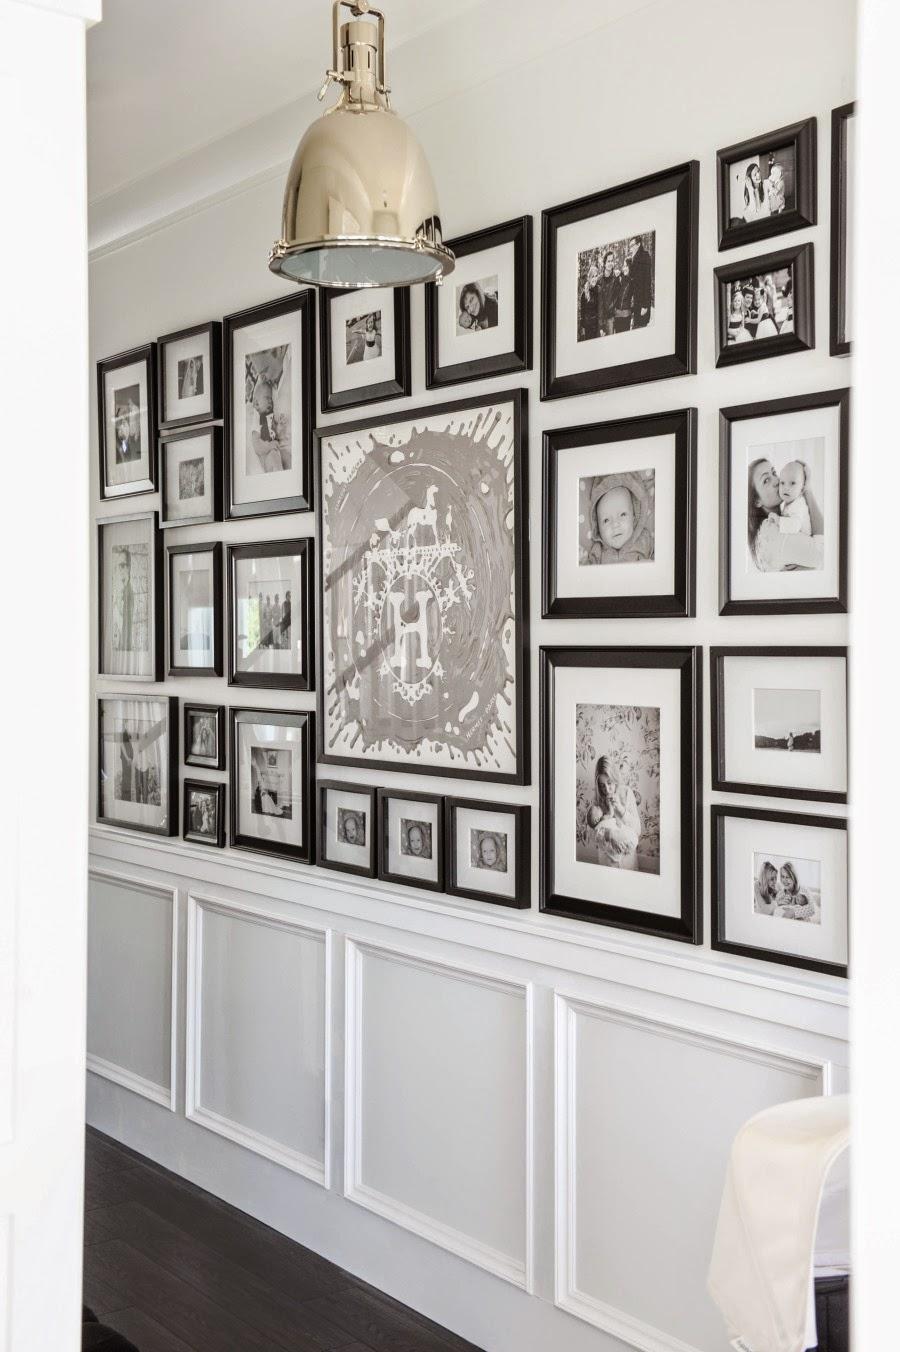 wystrój wnętrz, wnętrza, urządzanie mieszkania, dom, home decor, dekoracje, aranżacje, białe wnętrza, przedpokój, galeria zdjęć